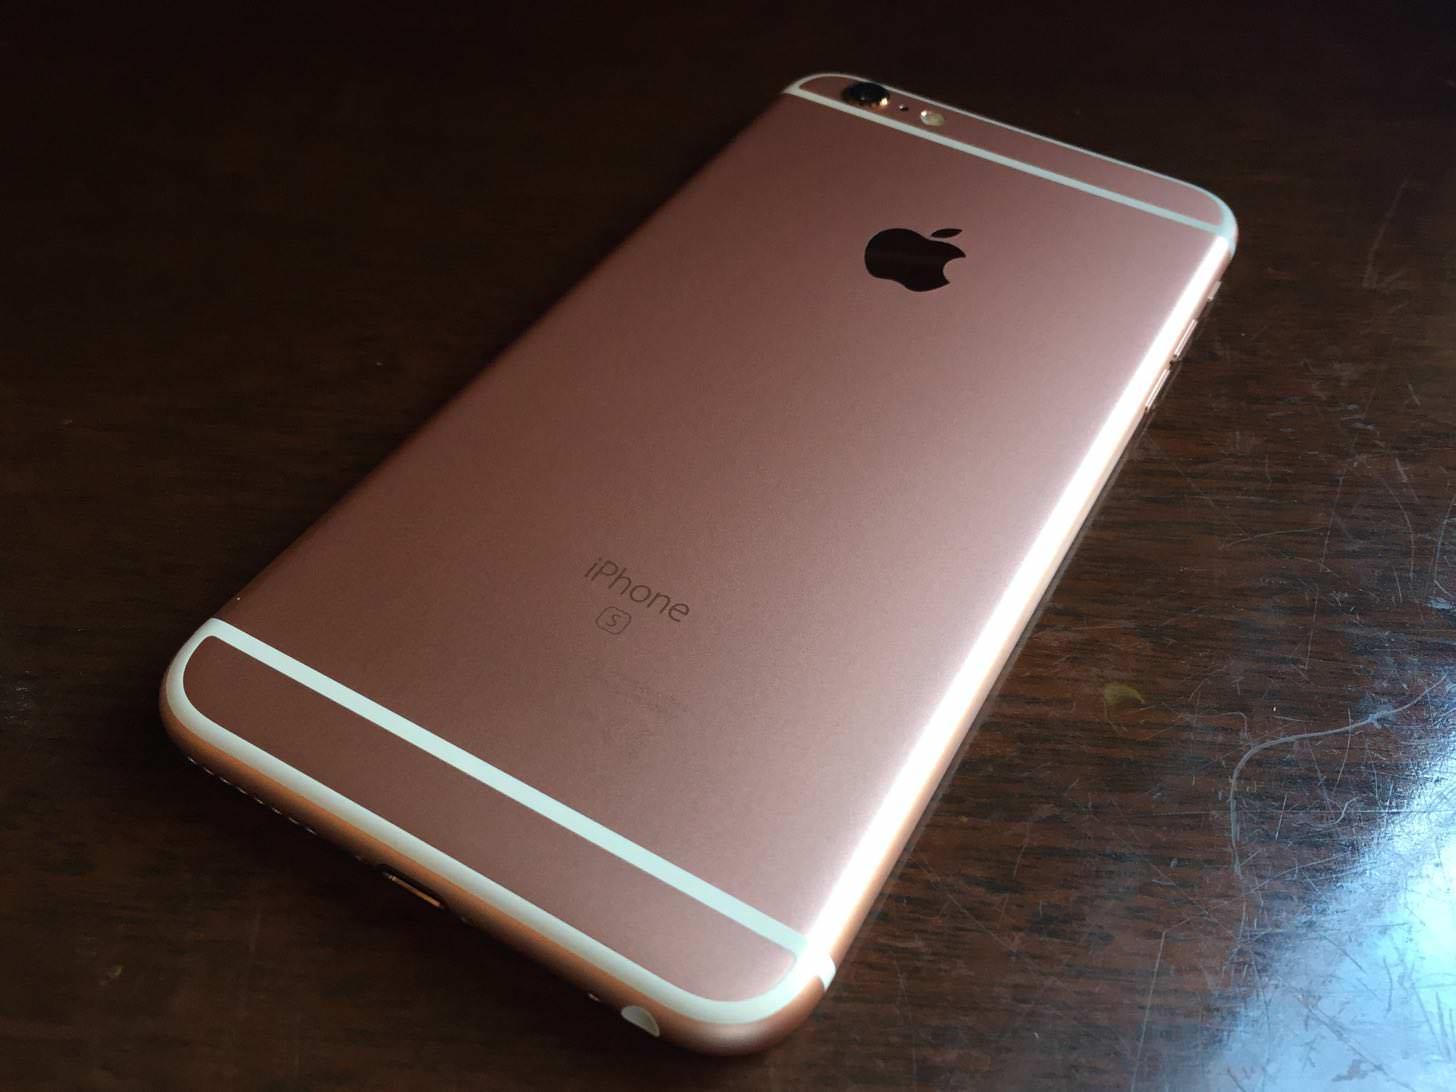 iPhone 6s Plus ローズゴールド 64GBの背面。